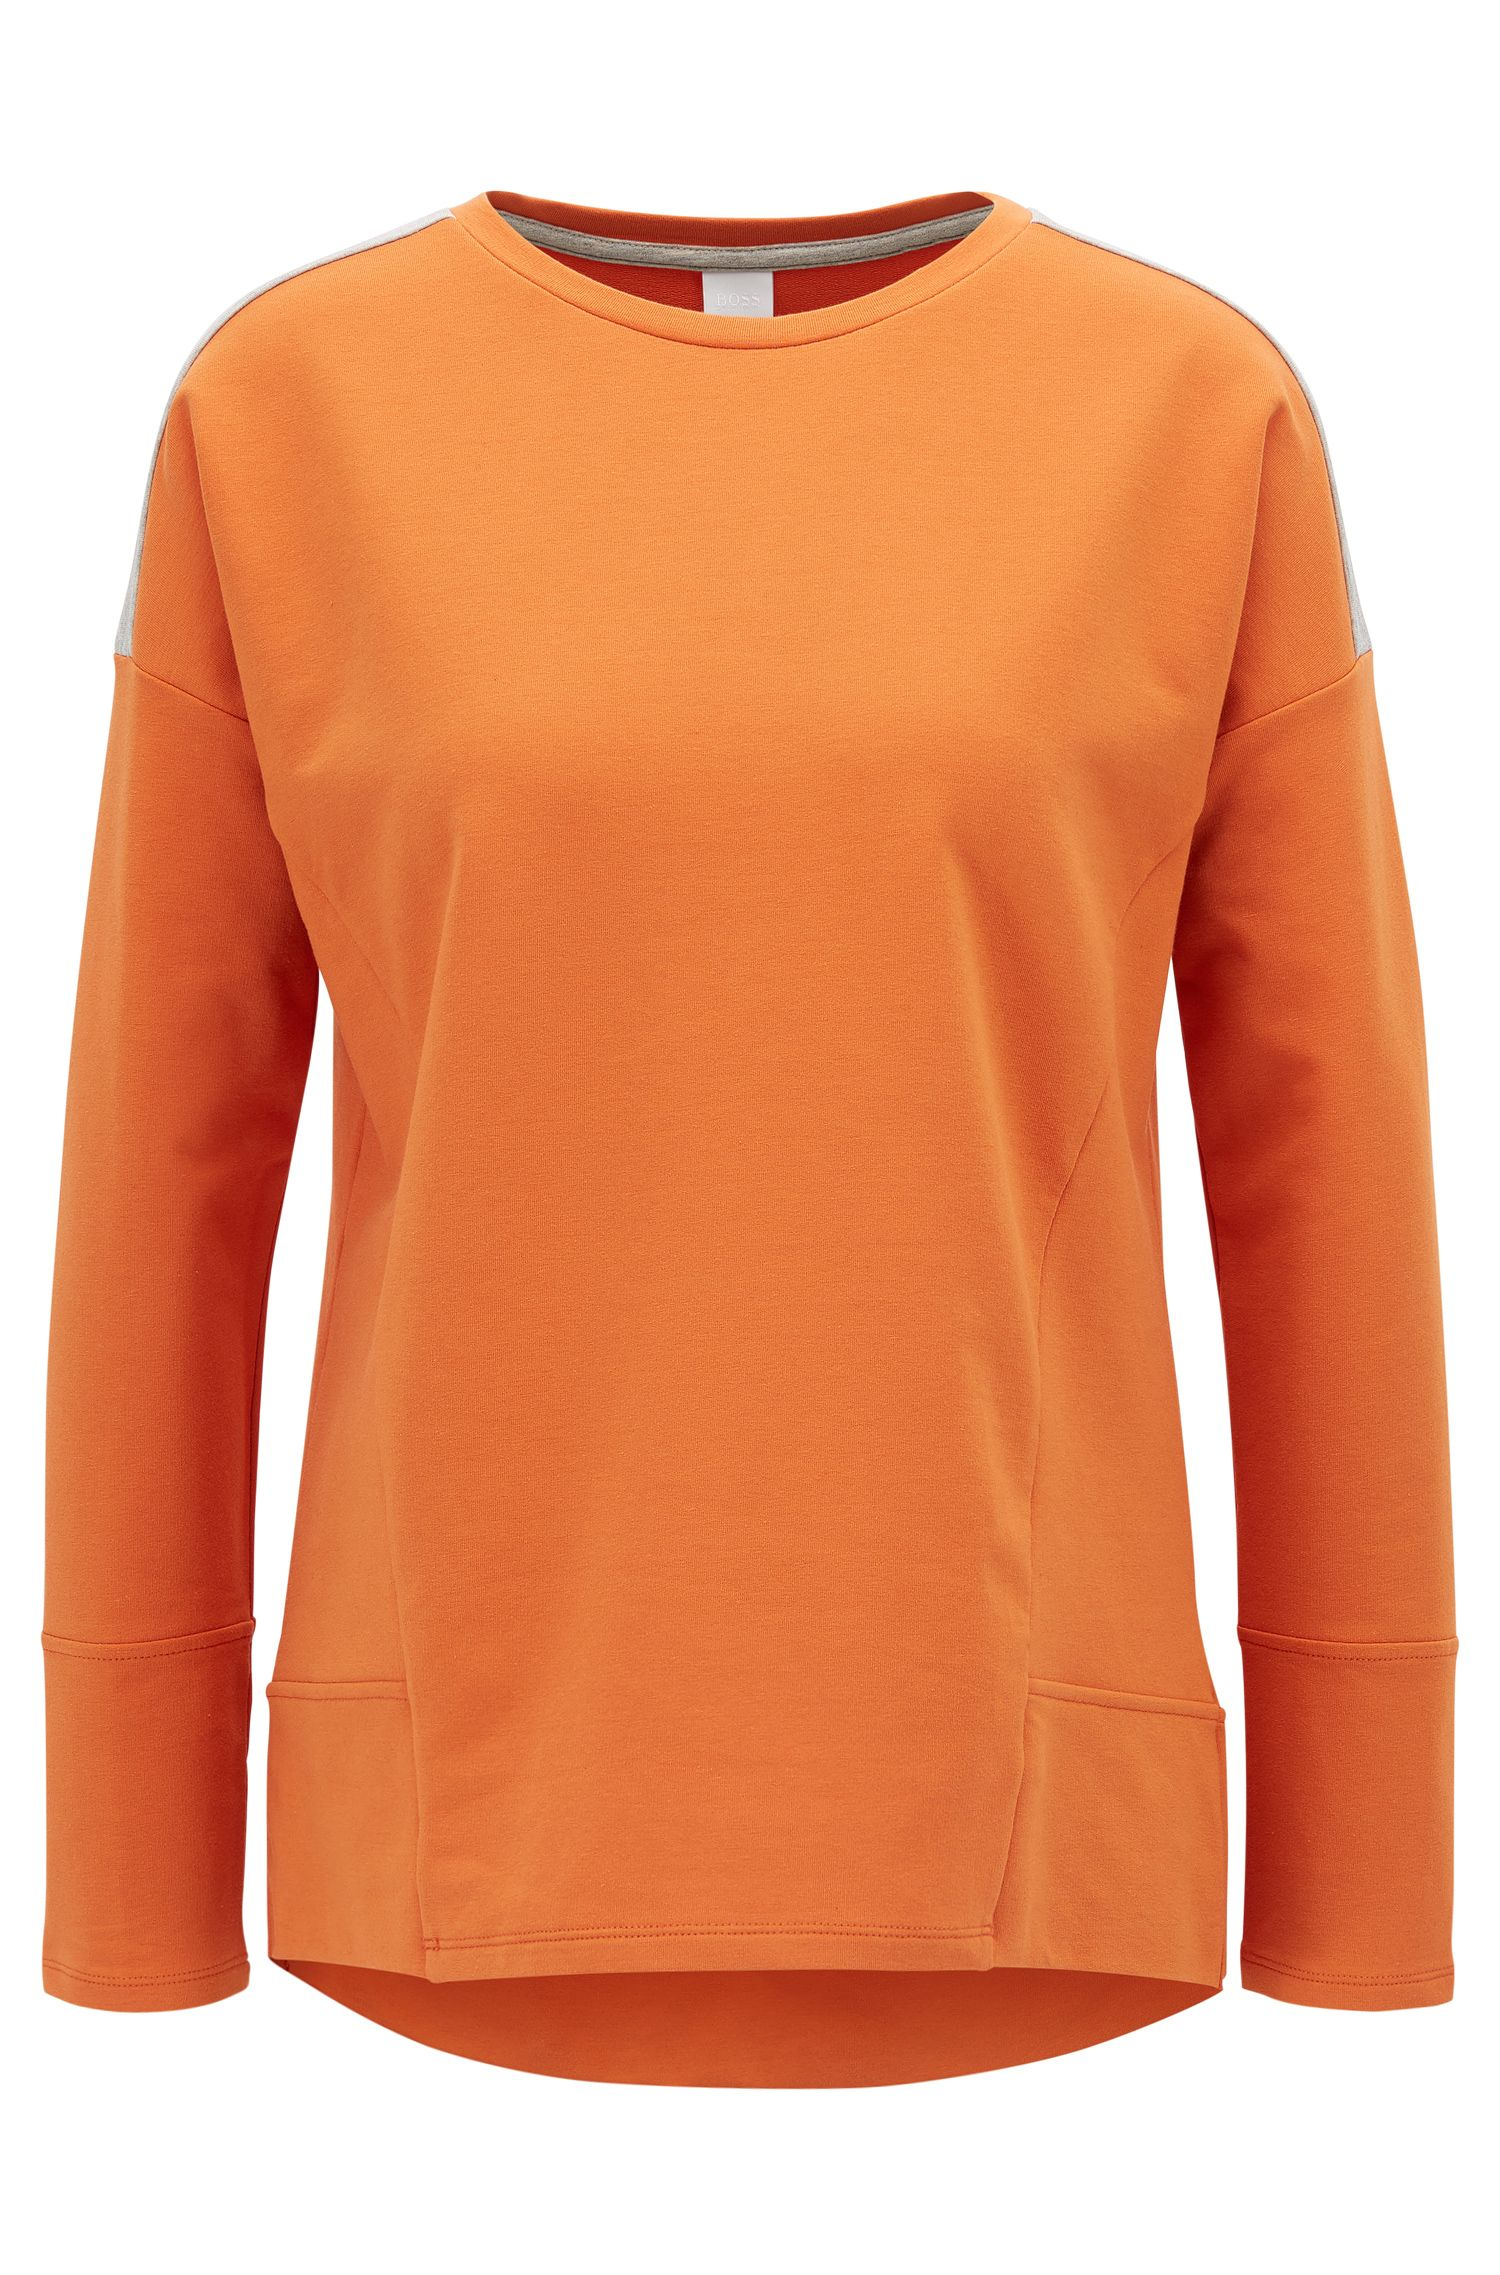 Pullover aus Stretch-Baumwolle mit überschnittener Schulter